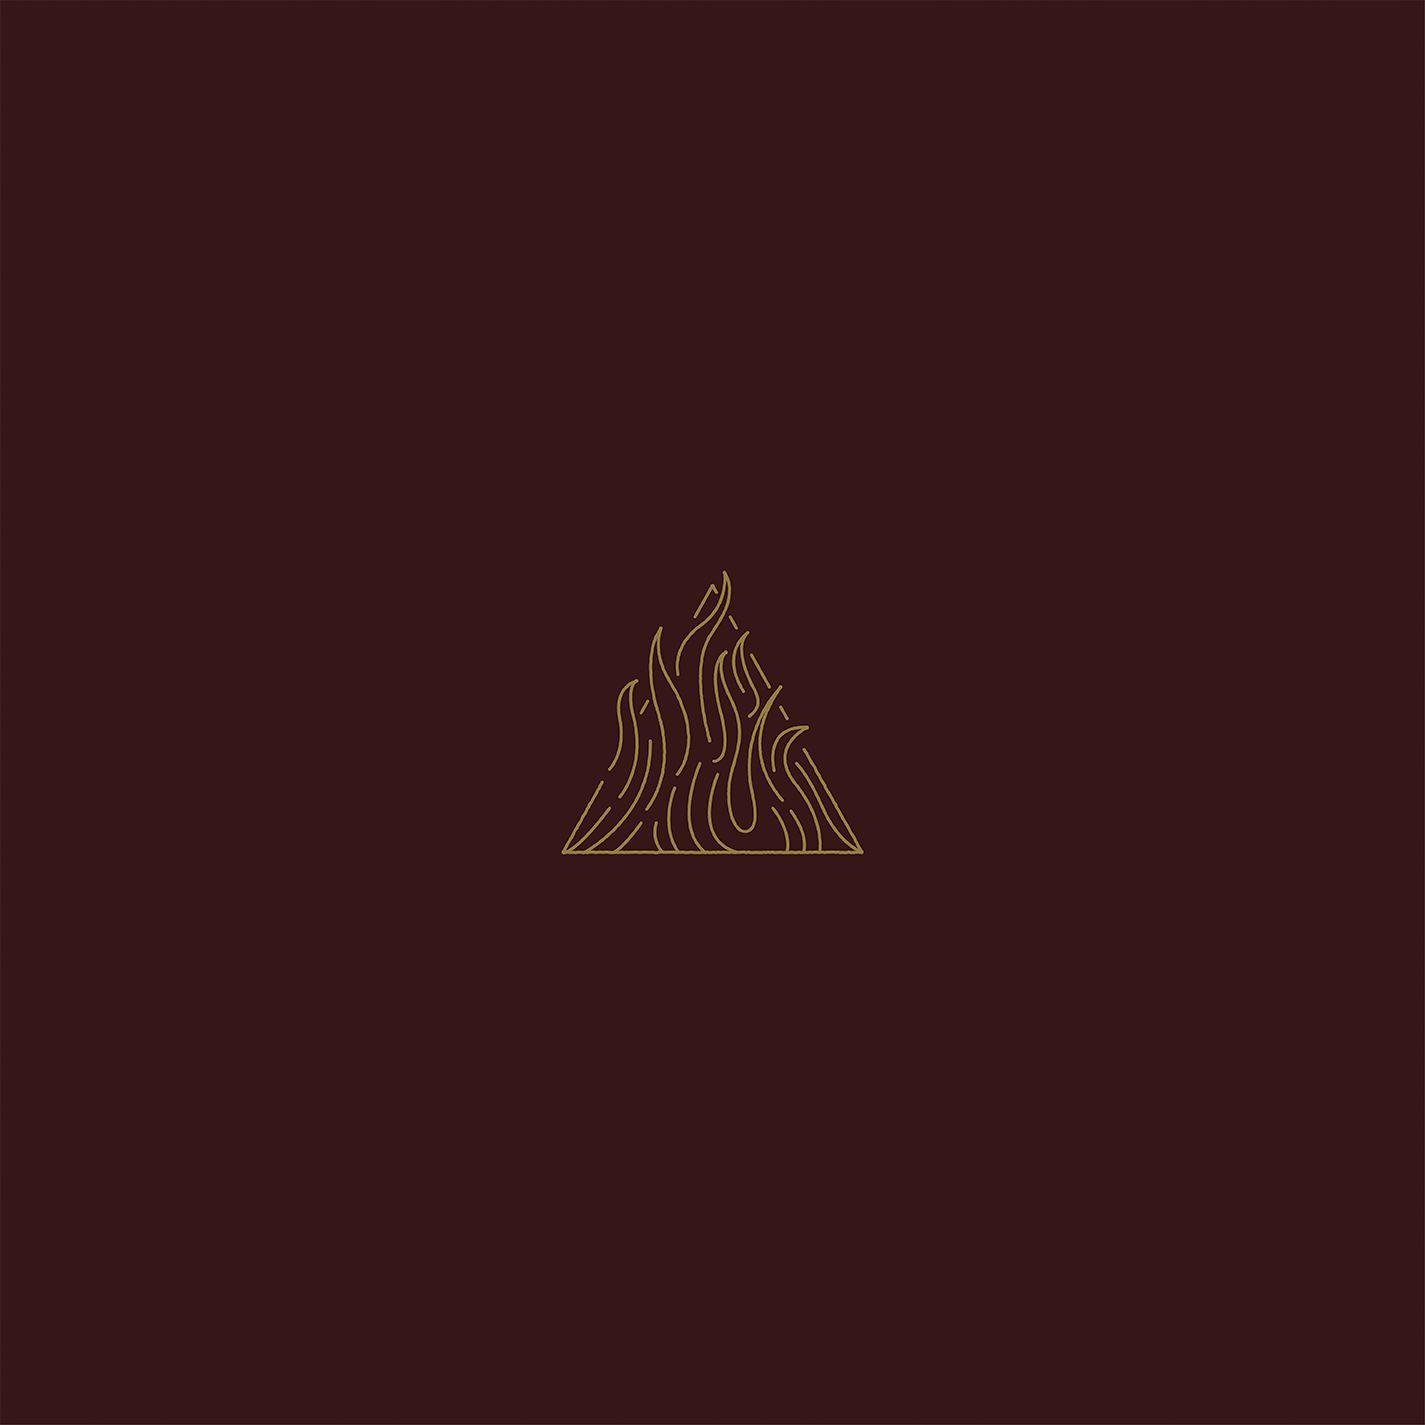 6. Trivium: The Sin and The Sentence<br /><br />Az év egyik legsokoldalúbb alkotása az amerikai Trivium nyolcadik stúdióalbuma - egyszerre heavy, thrash, groove és progresszív metal, dallamos, súlyos és szerethető. Amit itt csinálnak, minden bizonnyal újabb magasságokba emeli őket, az már biztos, hogy engem kilóra megvettek ezzel a lemezzel. Le a kalappal srácok, itt az idő, hogy meghódítsátok a legnagyobb arénák színpadait! Amennyiben szereted a modern metalt és az olyan zenekarokat, mint pl. az Avenged Sevenfold, ez a Te albumod! (Ha nem, akkor pedig főleg.)